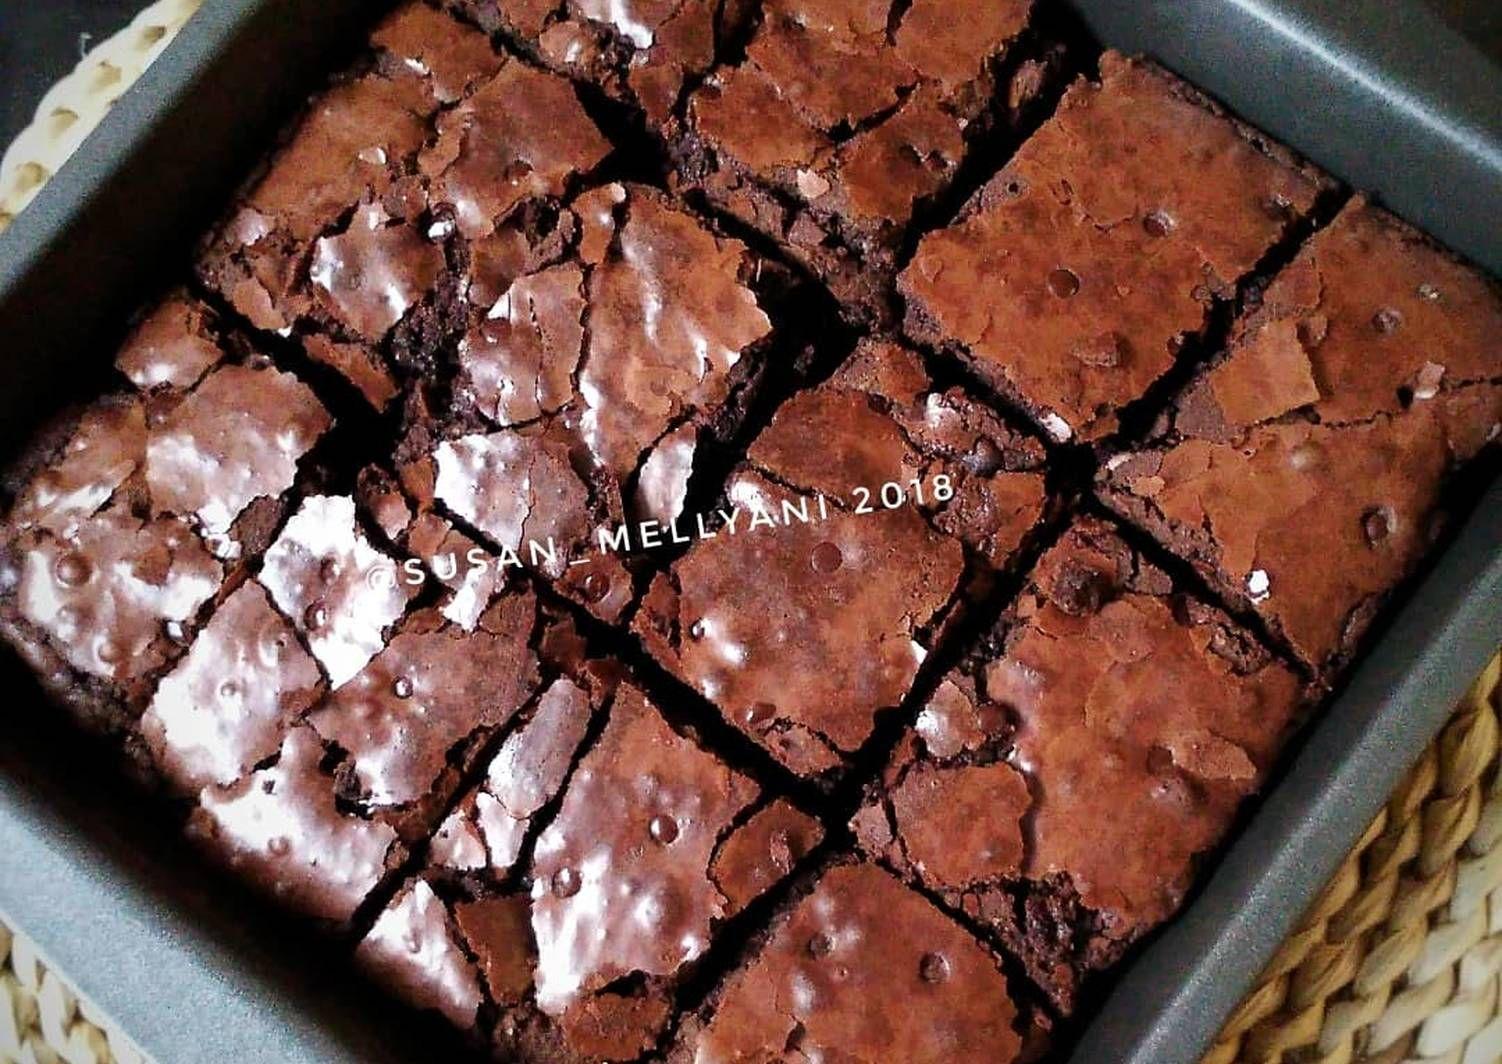 Resep Fudge Brownies Oleh Susan Mellyani Resep Resep Fudge Fudge Brownies Makanan